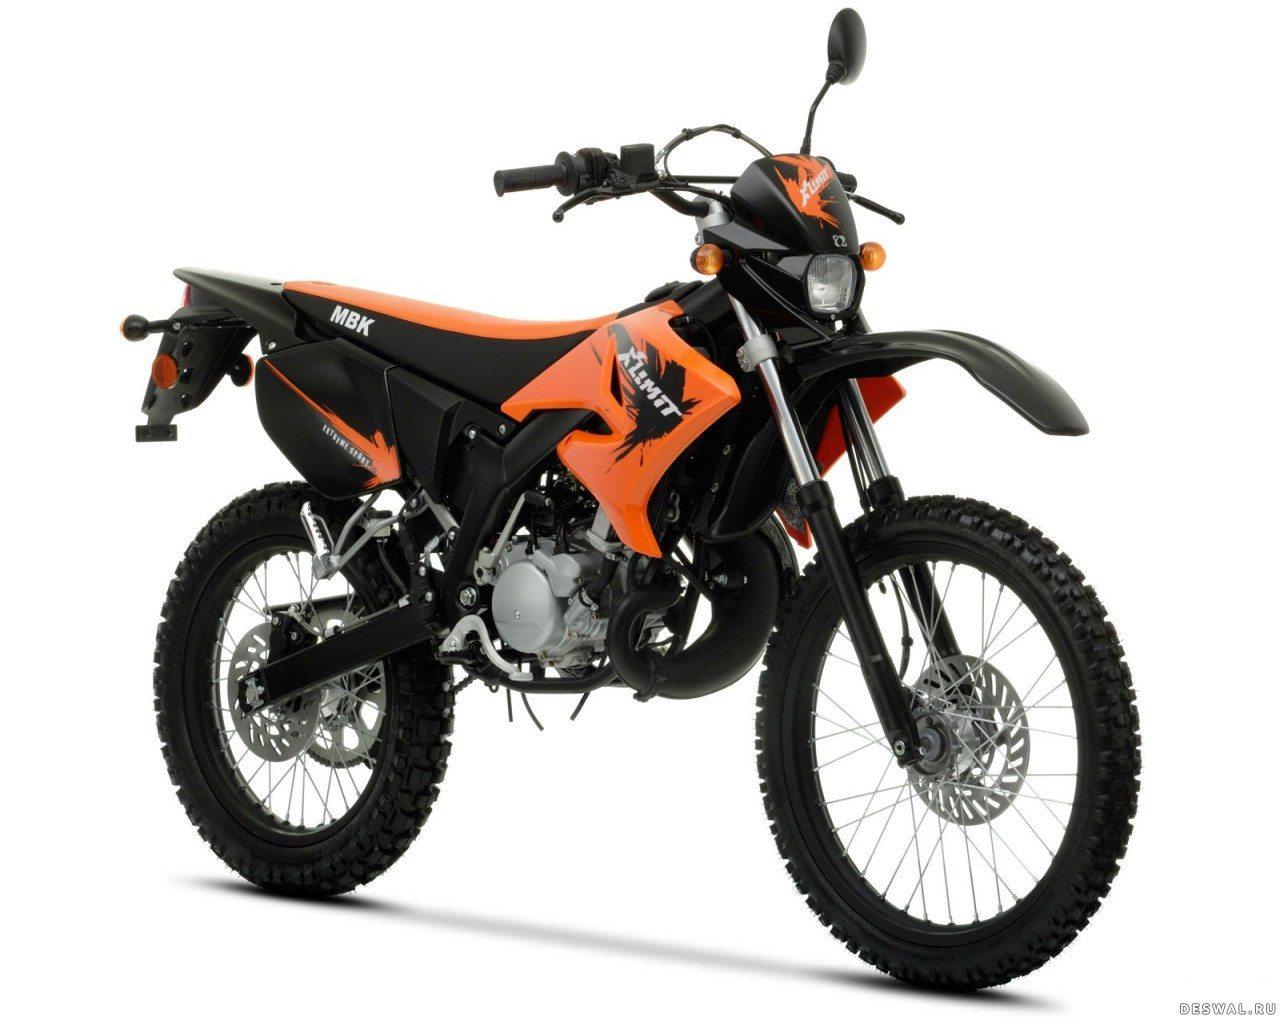 Мото МБК на великолепной картинке. Нажмите на картинку с обоями мотоцикла mbk, чтобы просмотреть ее в реальном размере